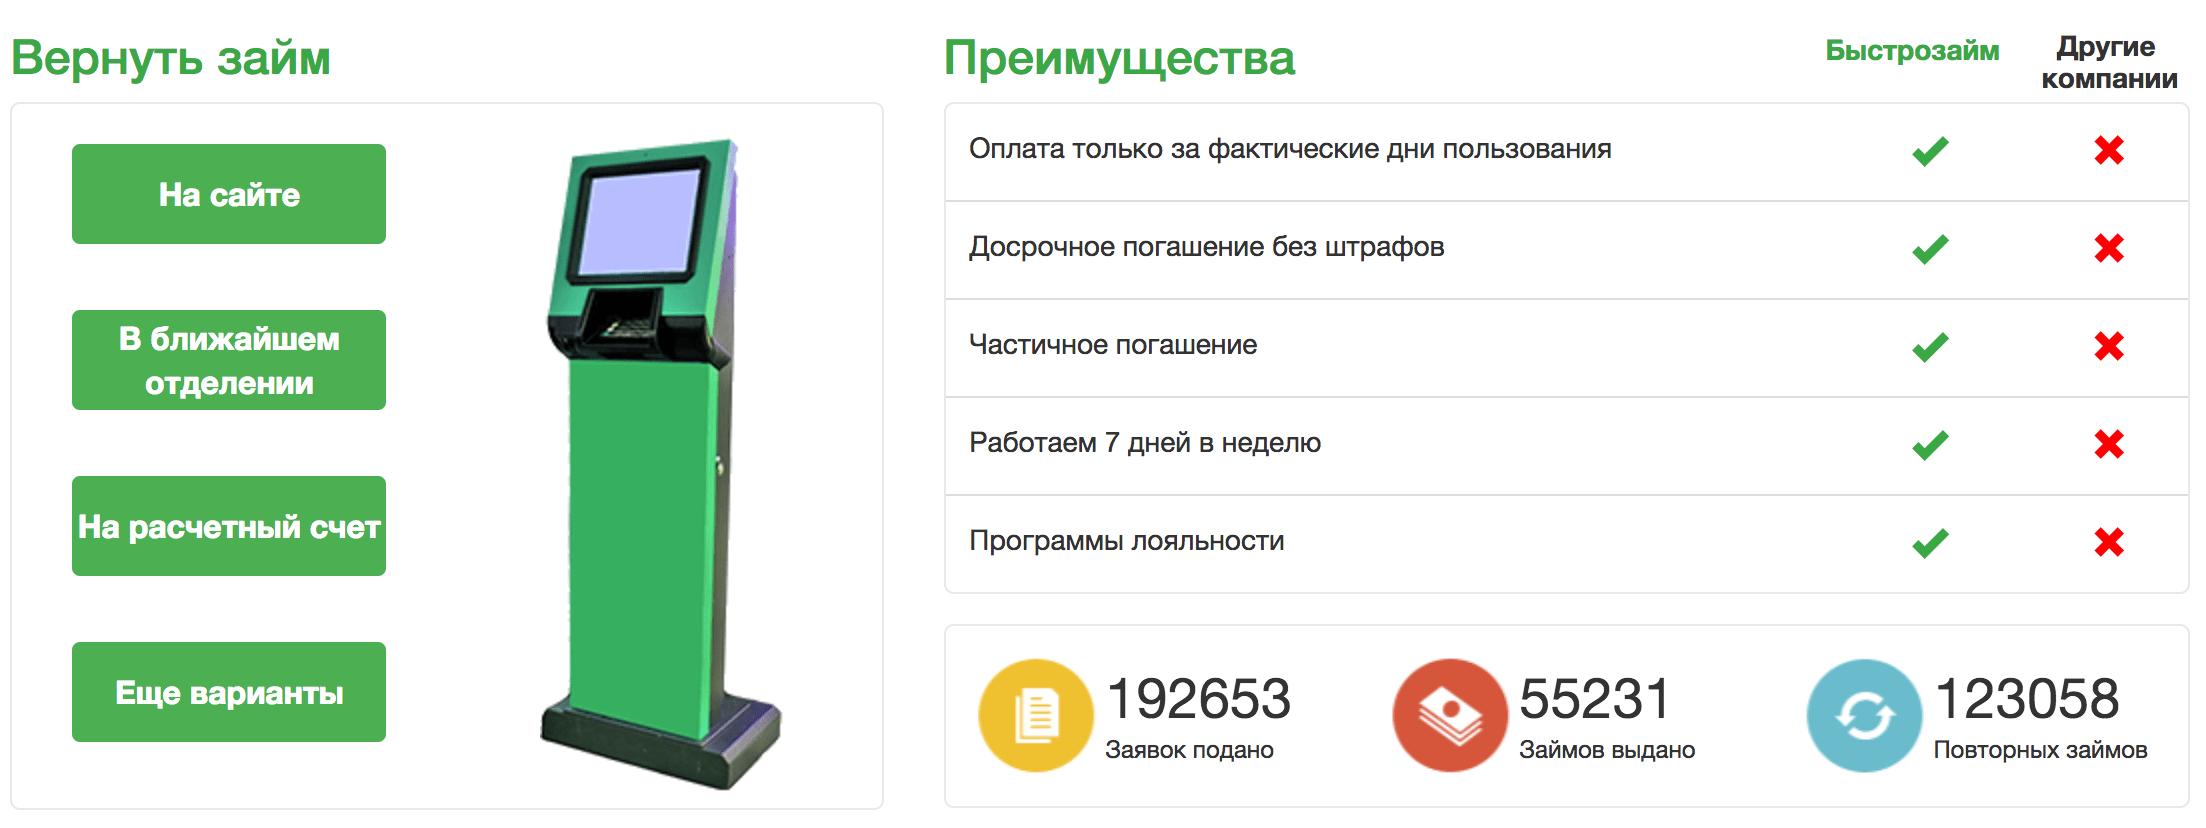 Быстрозайм онлайн заявка на кредит